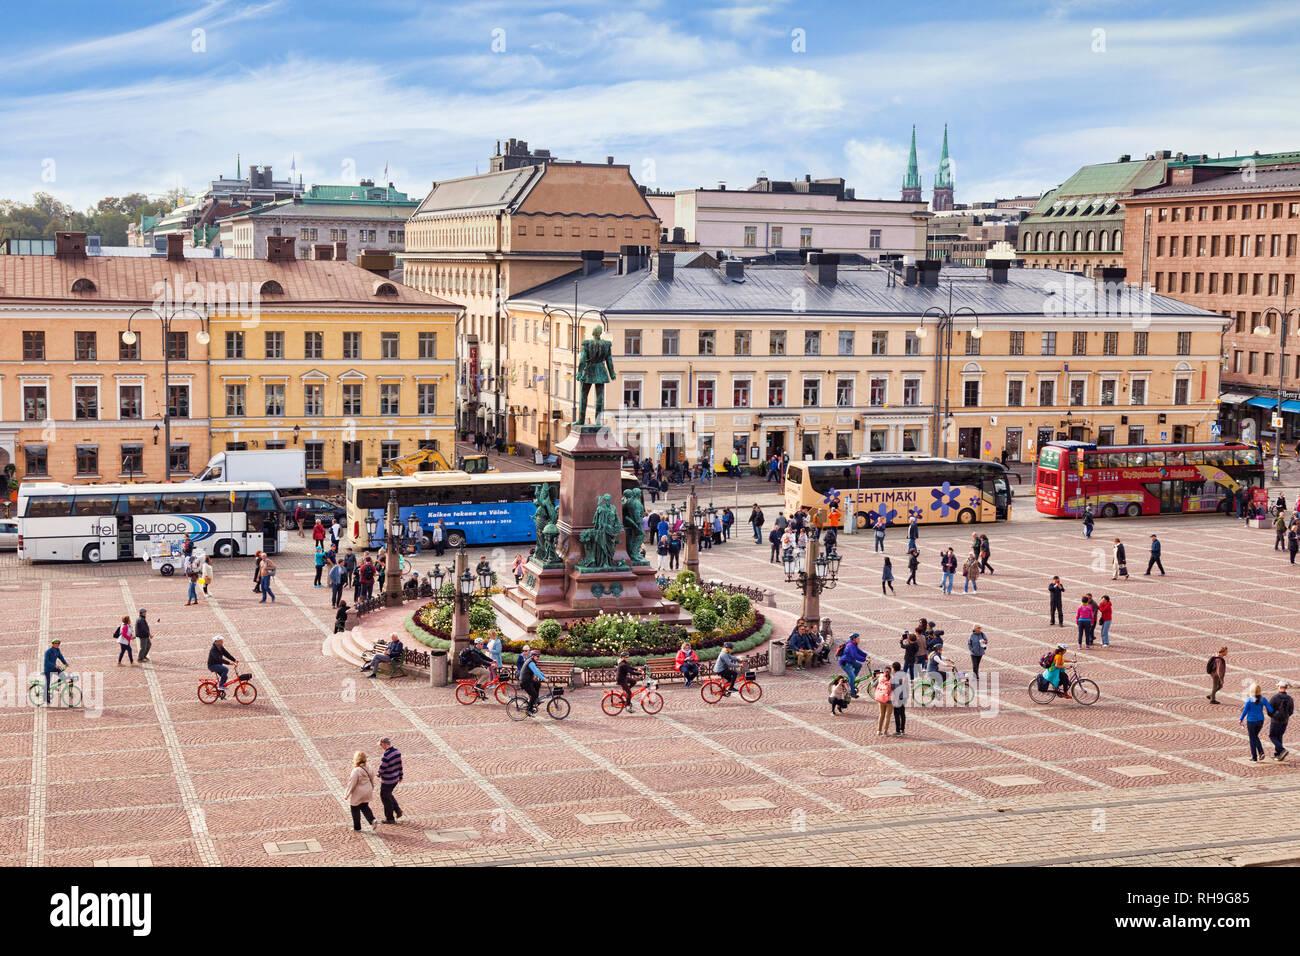 El 20 de septiembre de 2018: Helsinki, Finlandia - la Plaza del Senado, con la estatua de Alejandro II, autobuses turísticos, y montones de turistas, incluyendo un tour en bicicleta. Imagen De Stock